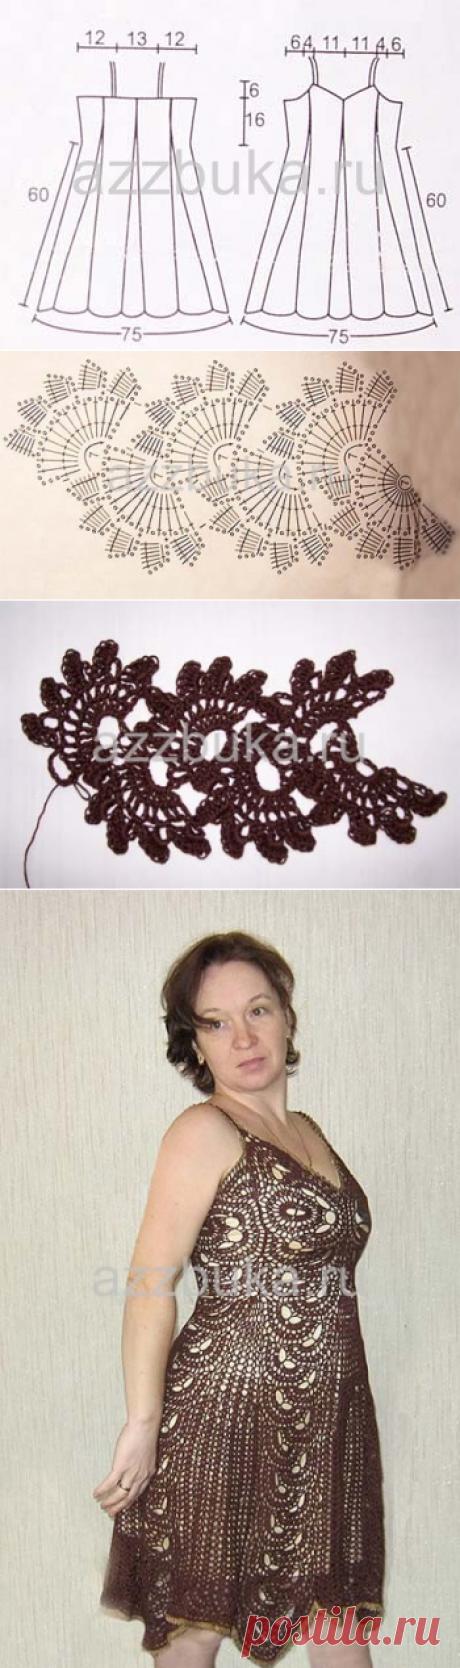 Платье из ленточного кружева,вязаное крючком.Со схемами | |